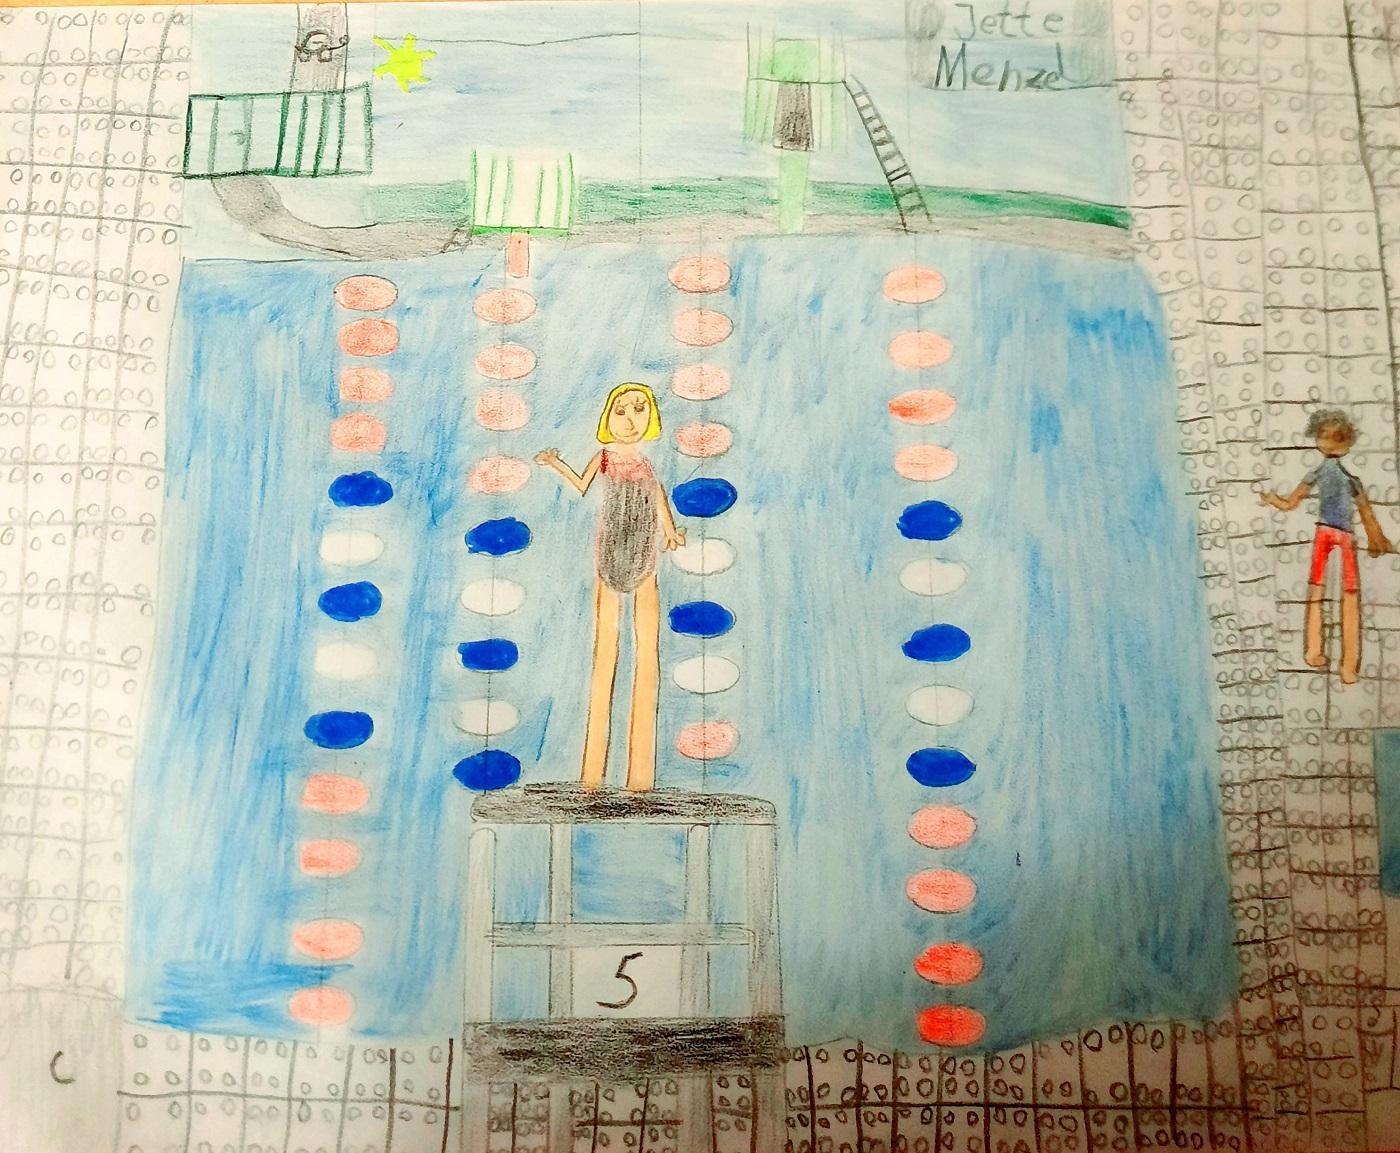 Bild 9 von Jette Menzel (8 Jahre)